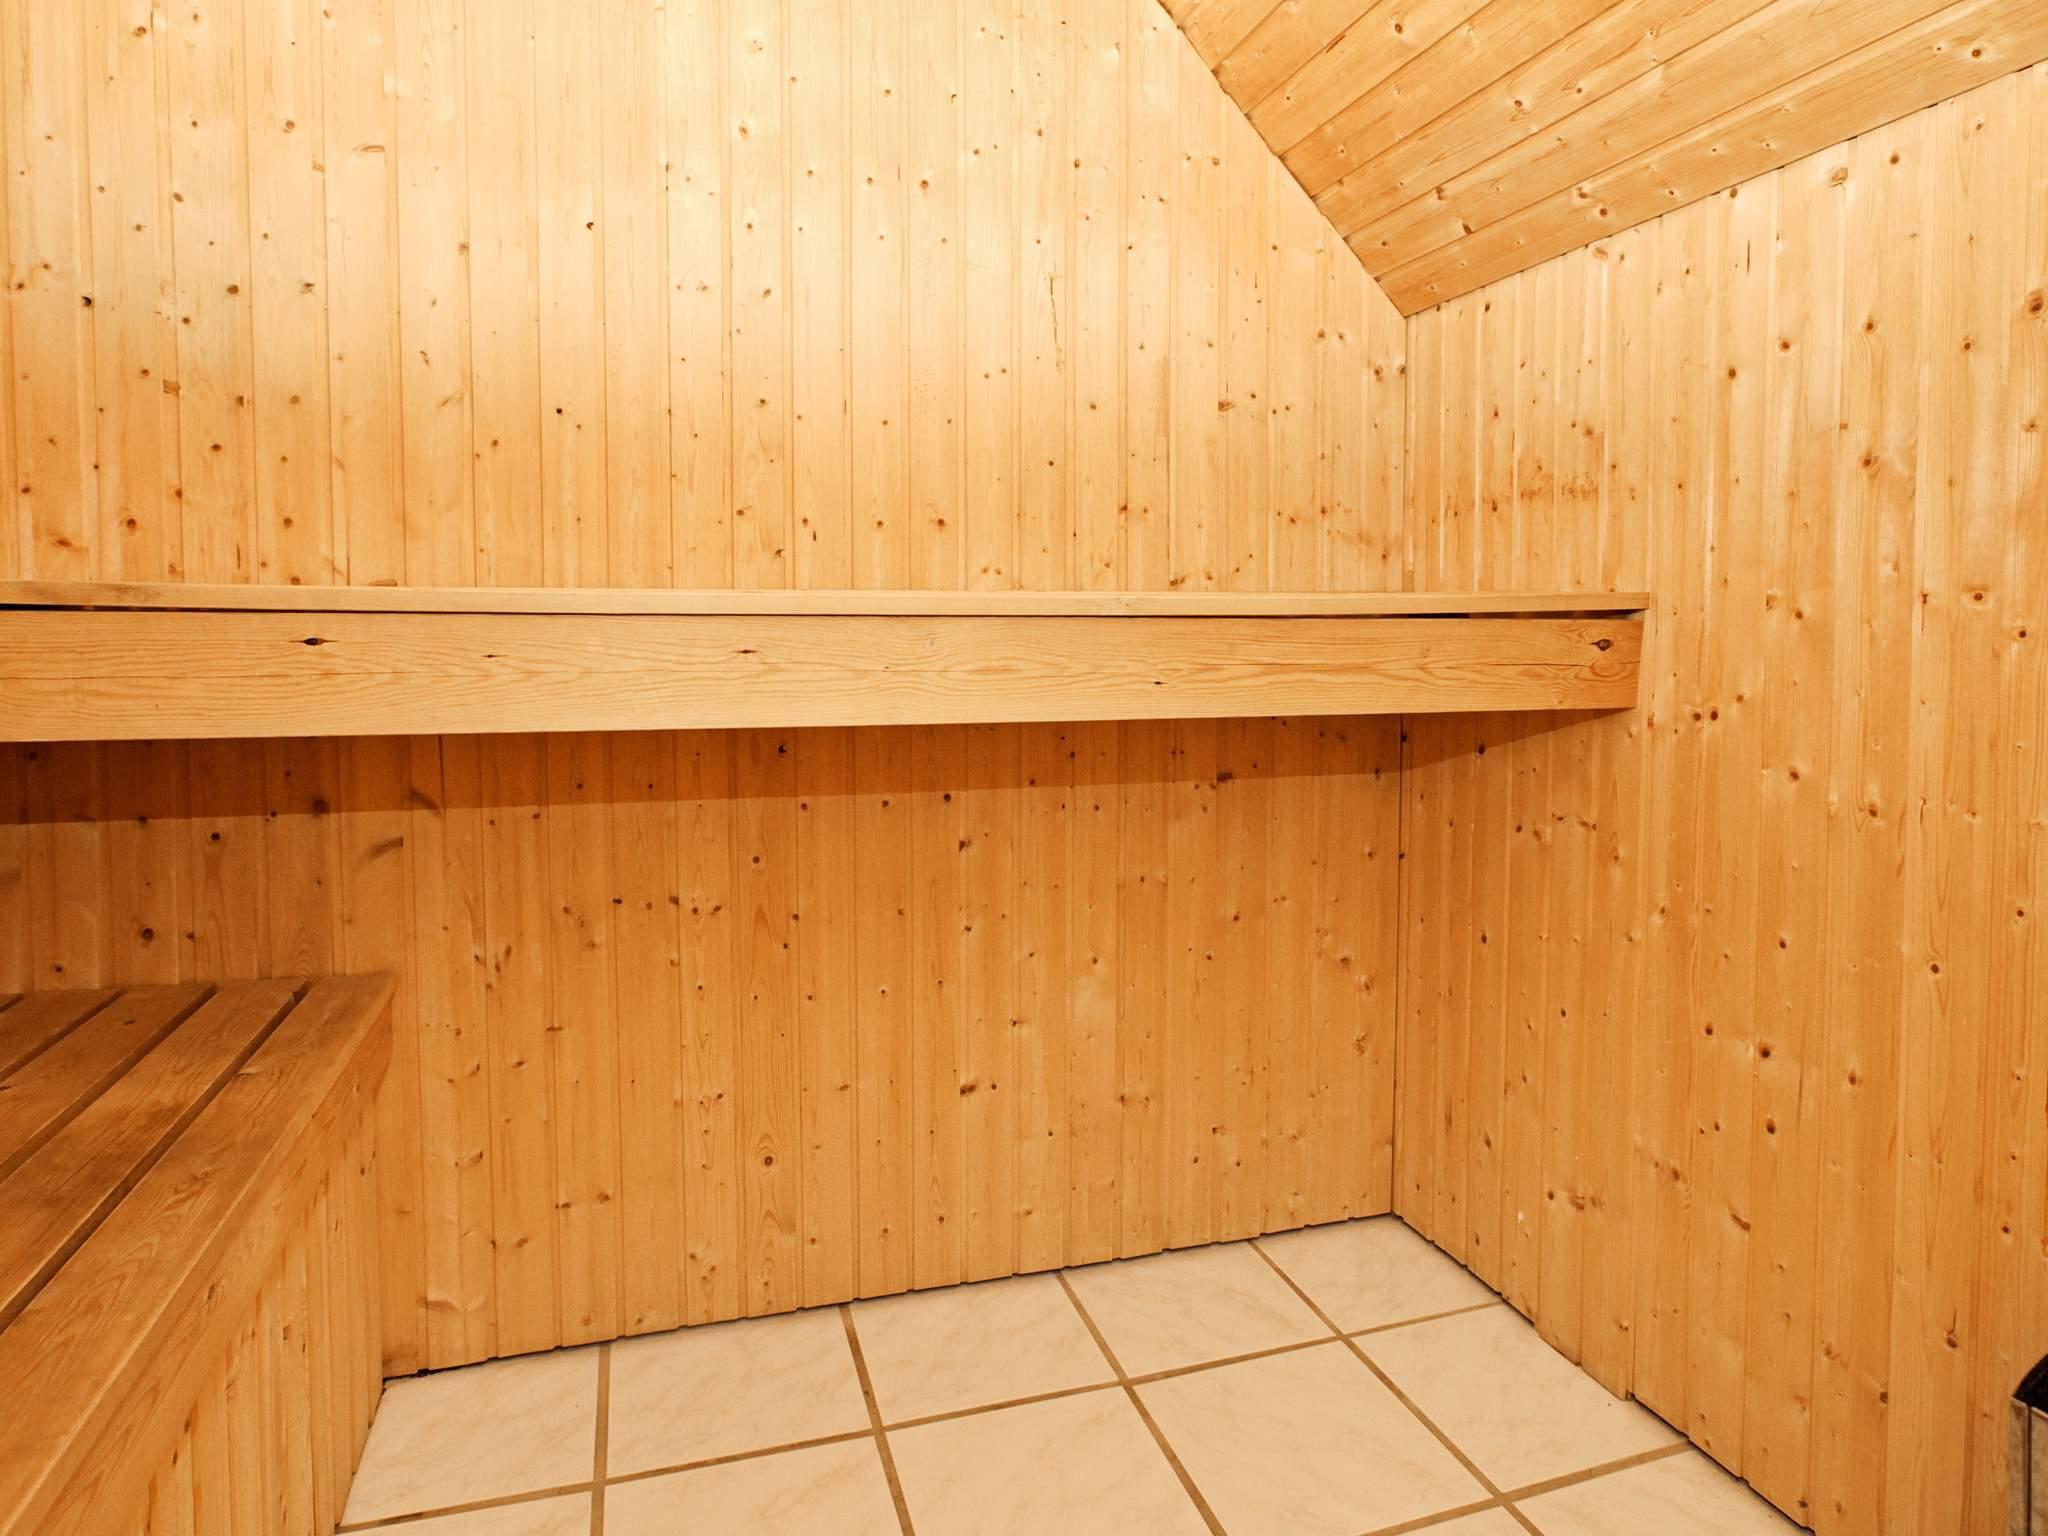 Ferienhaus Vester Husby (84236), Ulfborg, , Westjütland, Dänemark, Bild 28